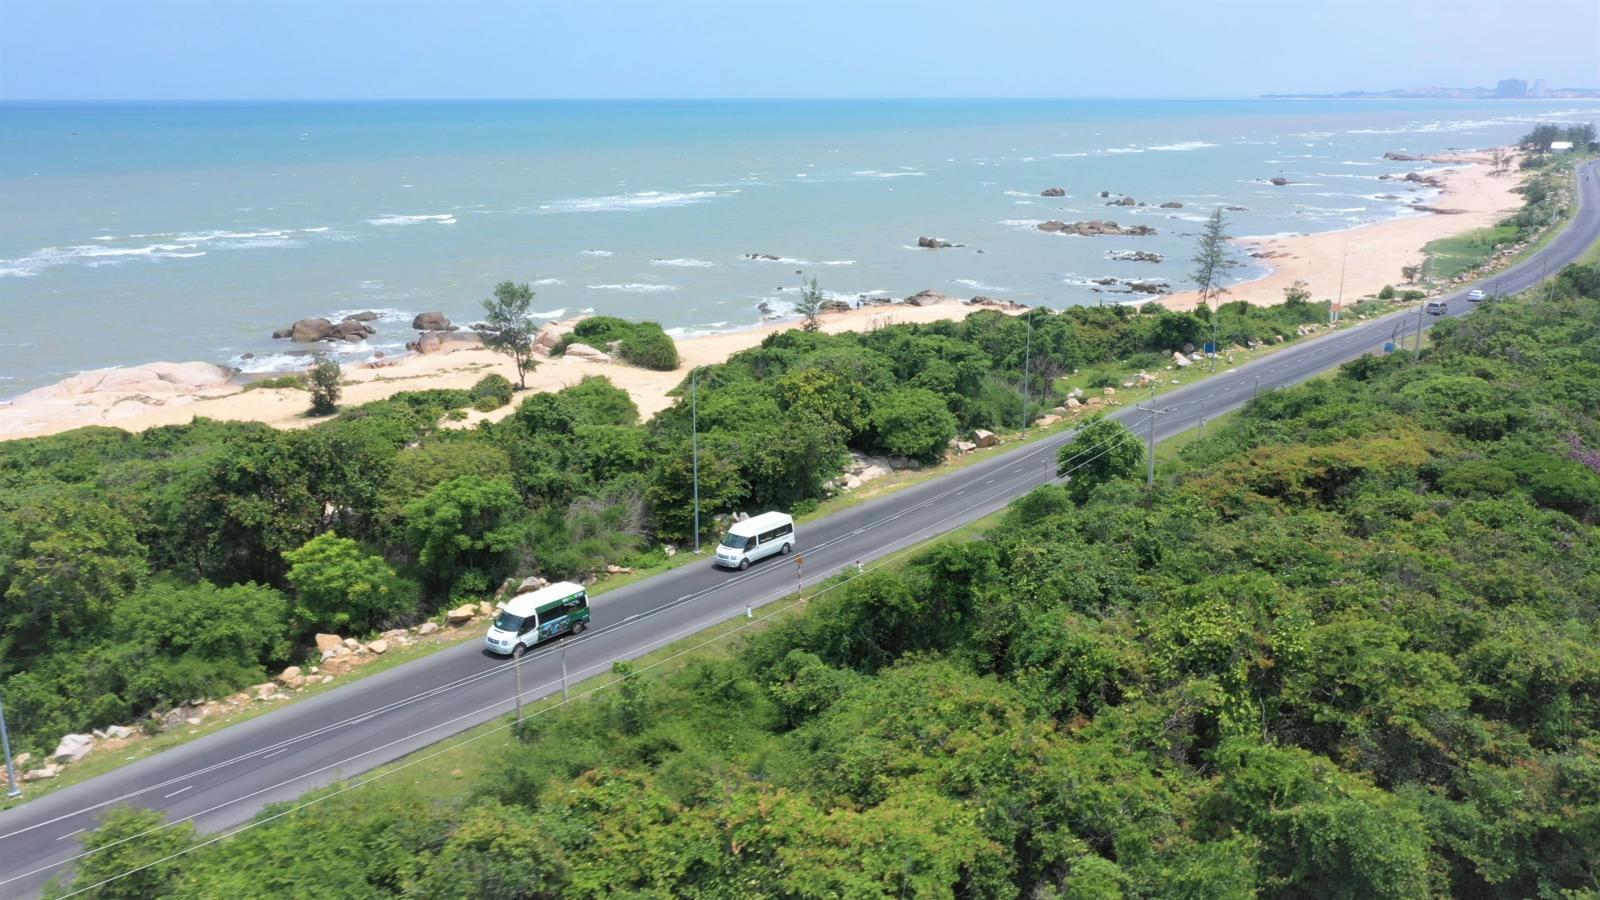 Cung đường ven biển Hồ Tràm nhìn từ trên cao